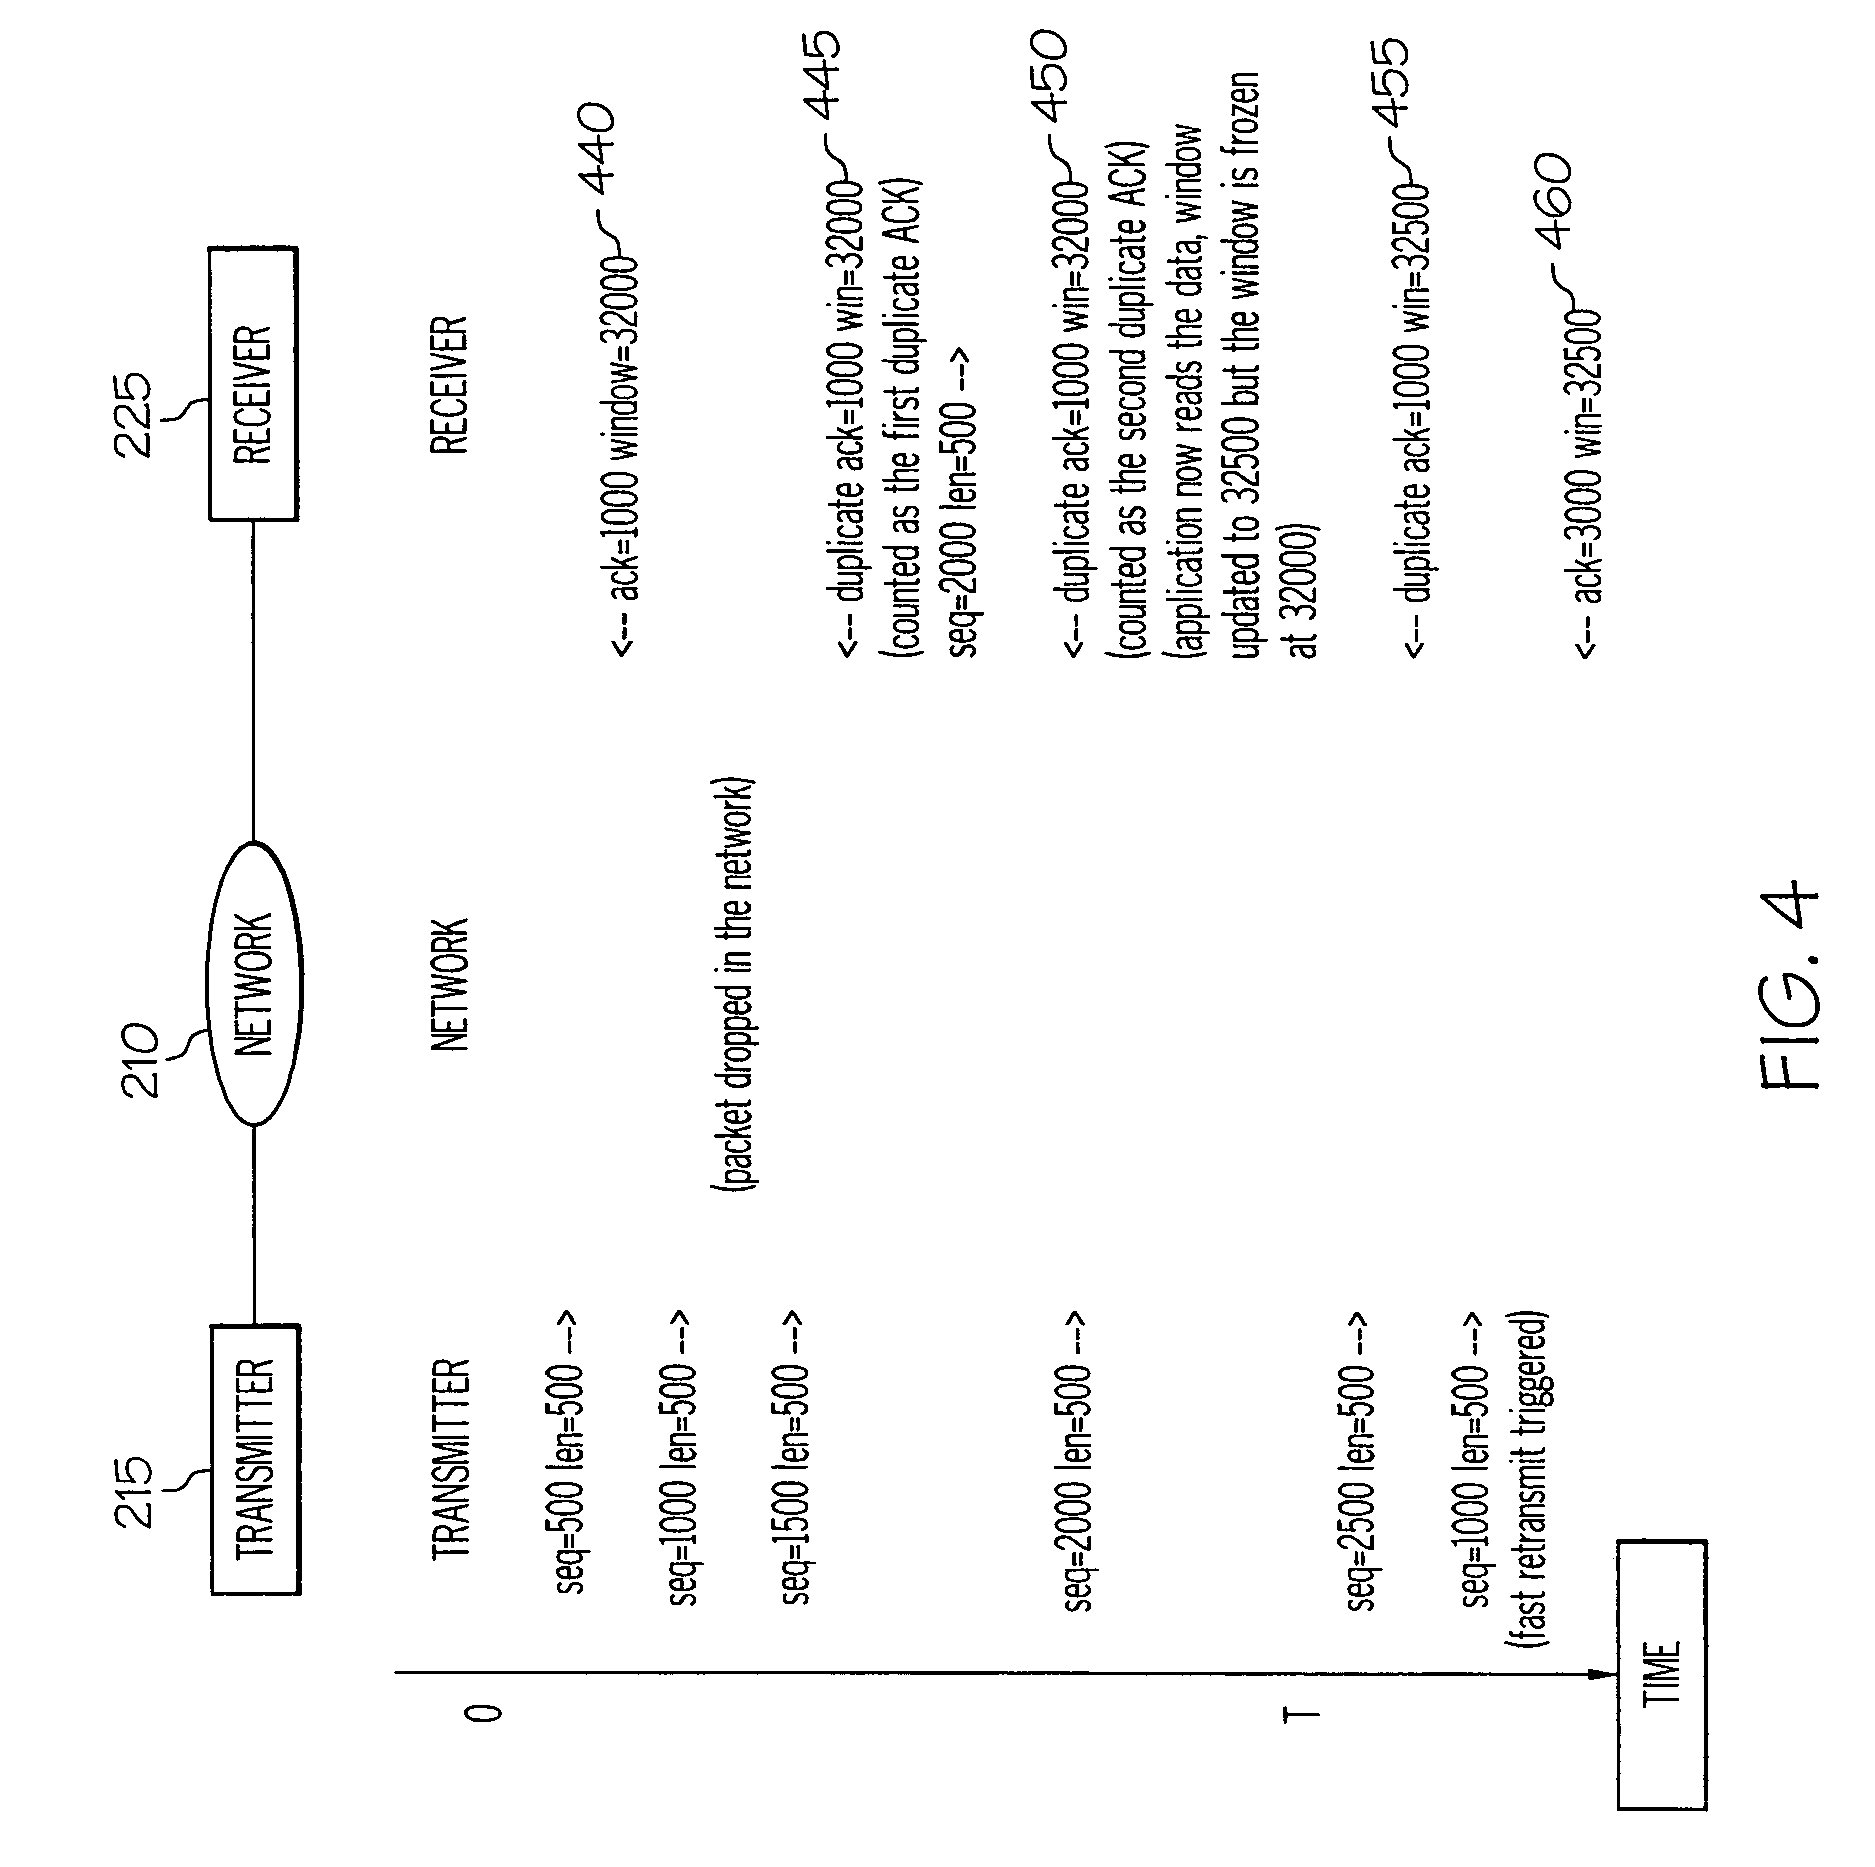 براءة الاختراع US7496038 - Method for faster detection and